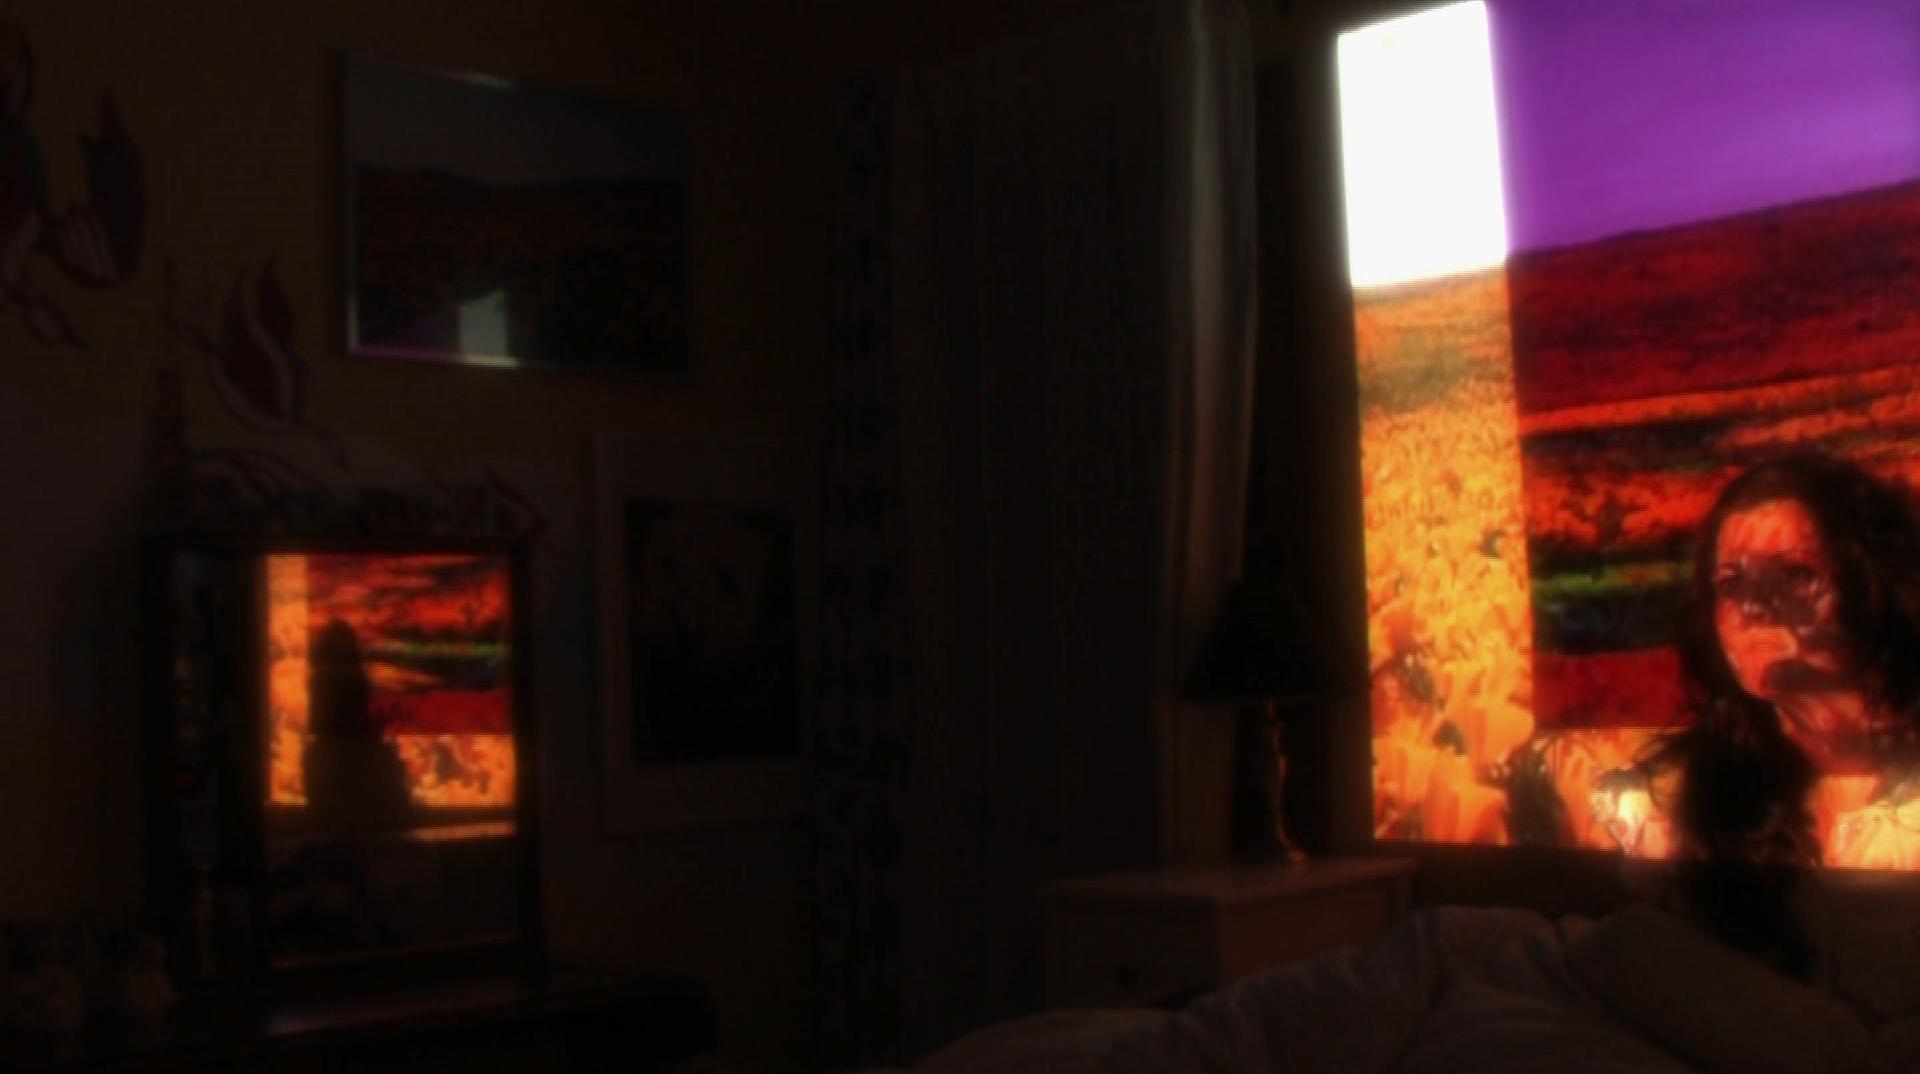 Screen Shot 2013-10-02 at 2.05.06 PM.png